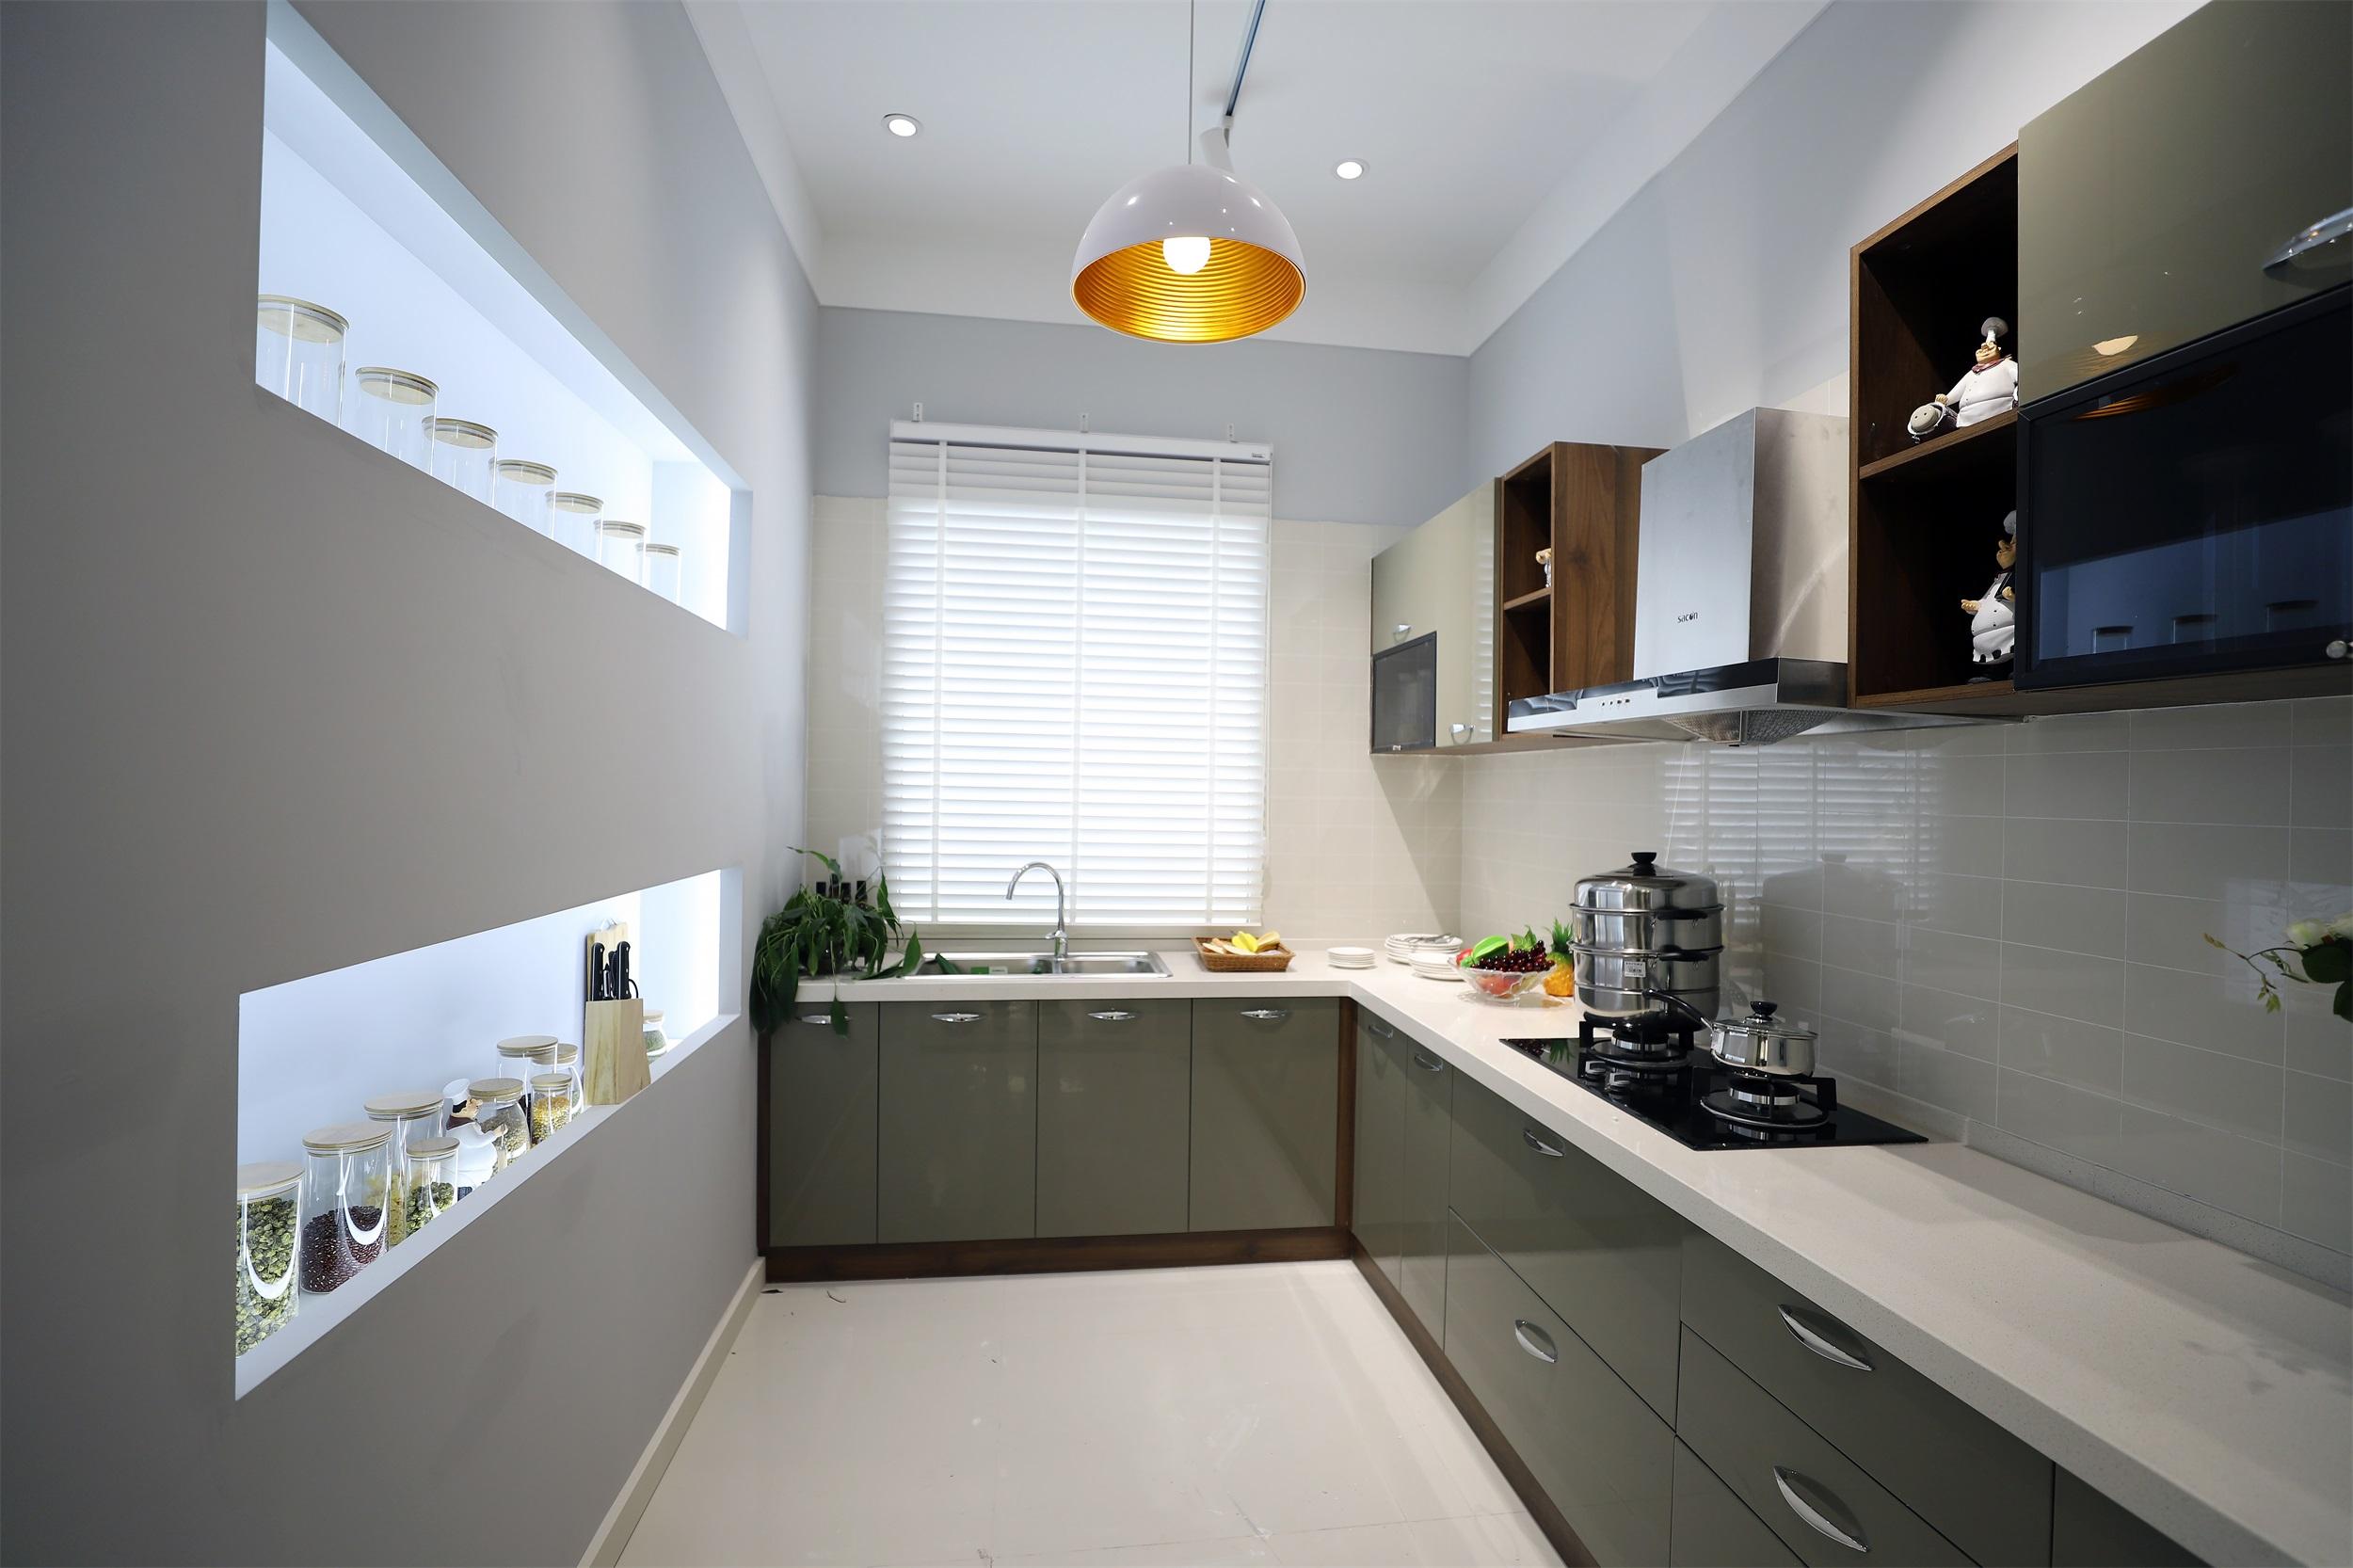 家居展厅装修厨房装潢图